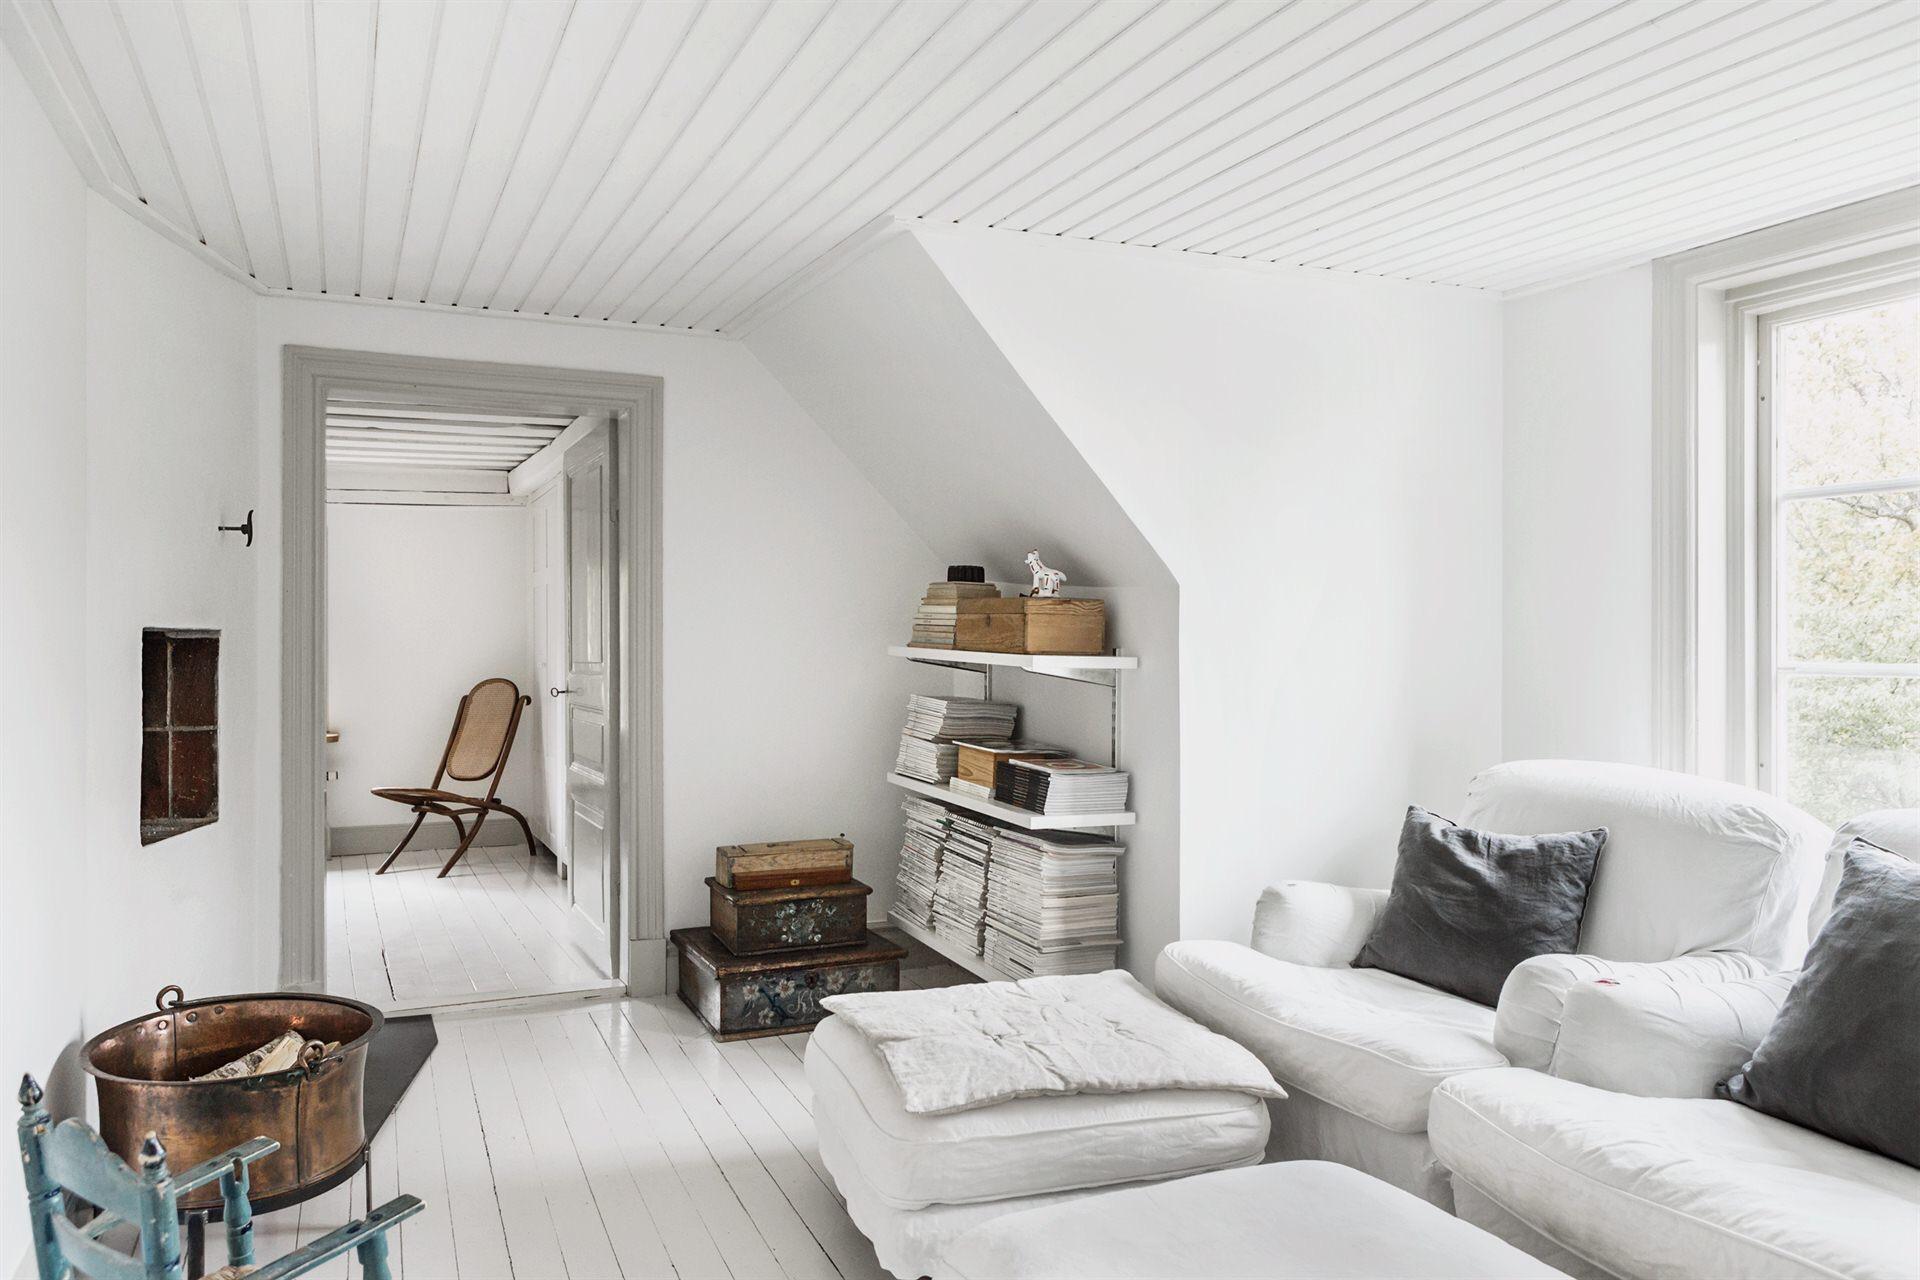 мансарда белые стены пол окно диван